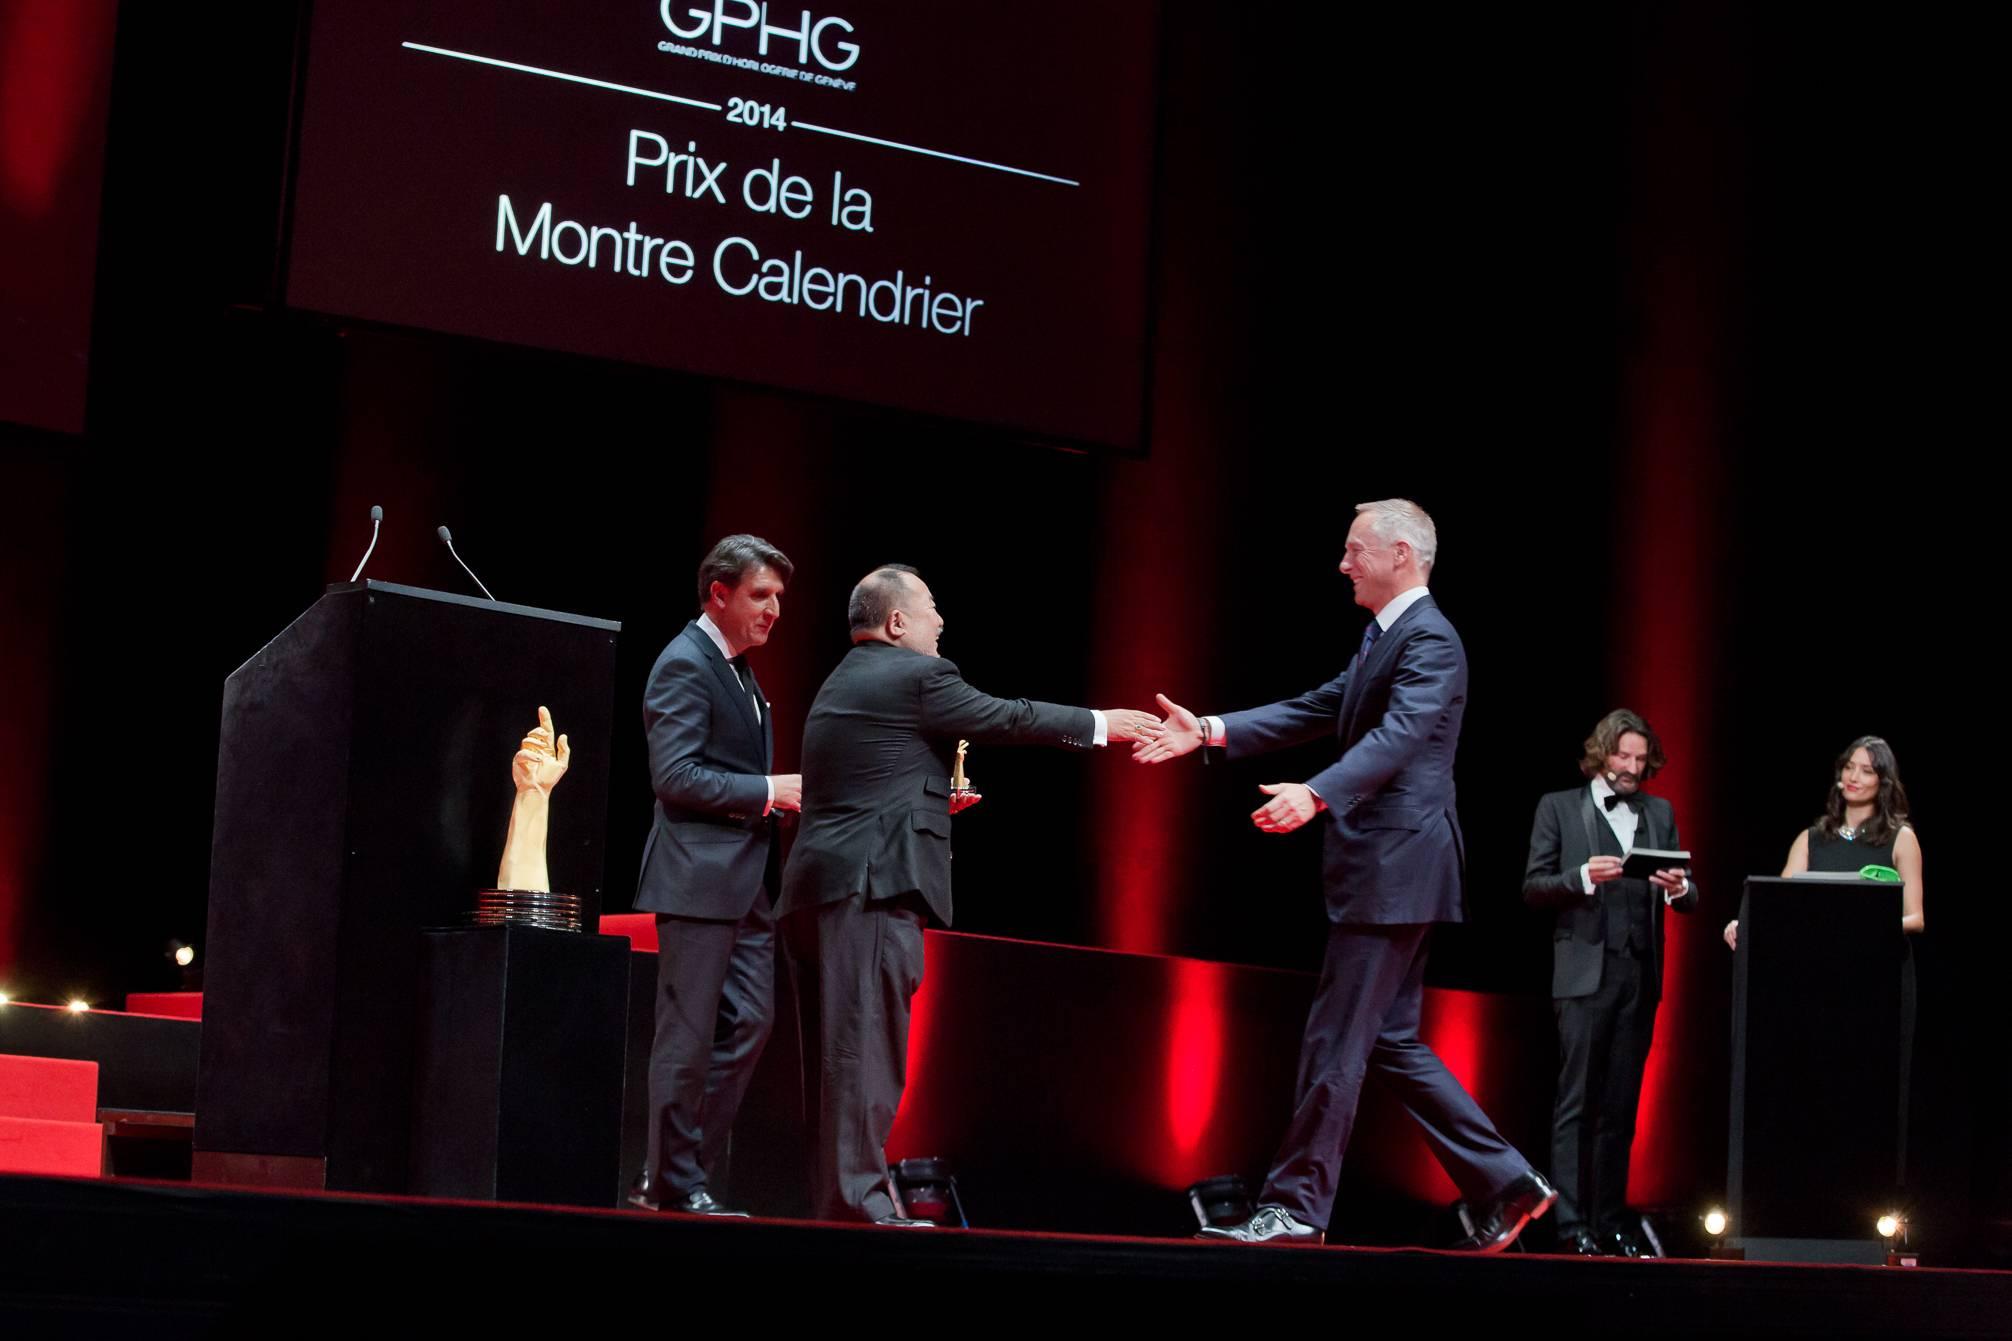 Carlos Alonso et Takeshi Matsuyama (membres du jury), Wilhelm Schmid (CEO de A. Lange & Söhne, marque lauréate du Prix de la Montre Calendrier 2014)